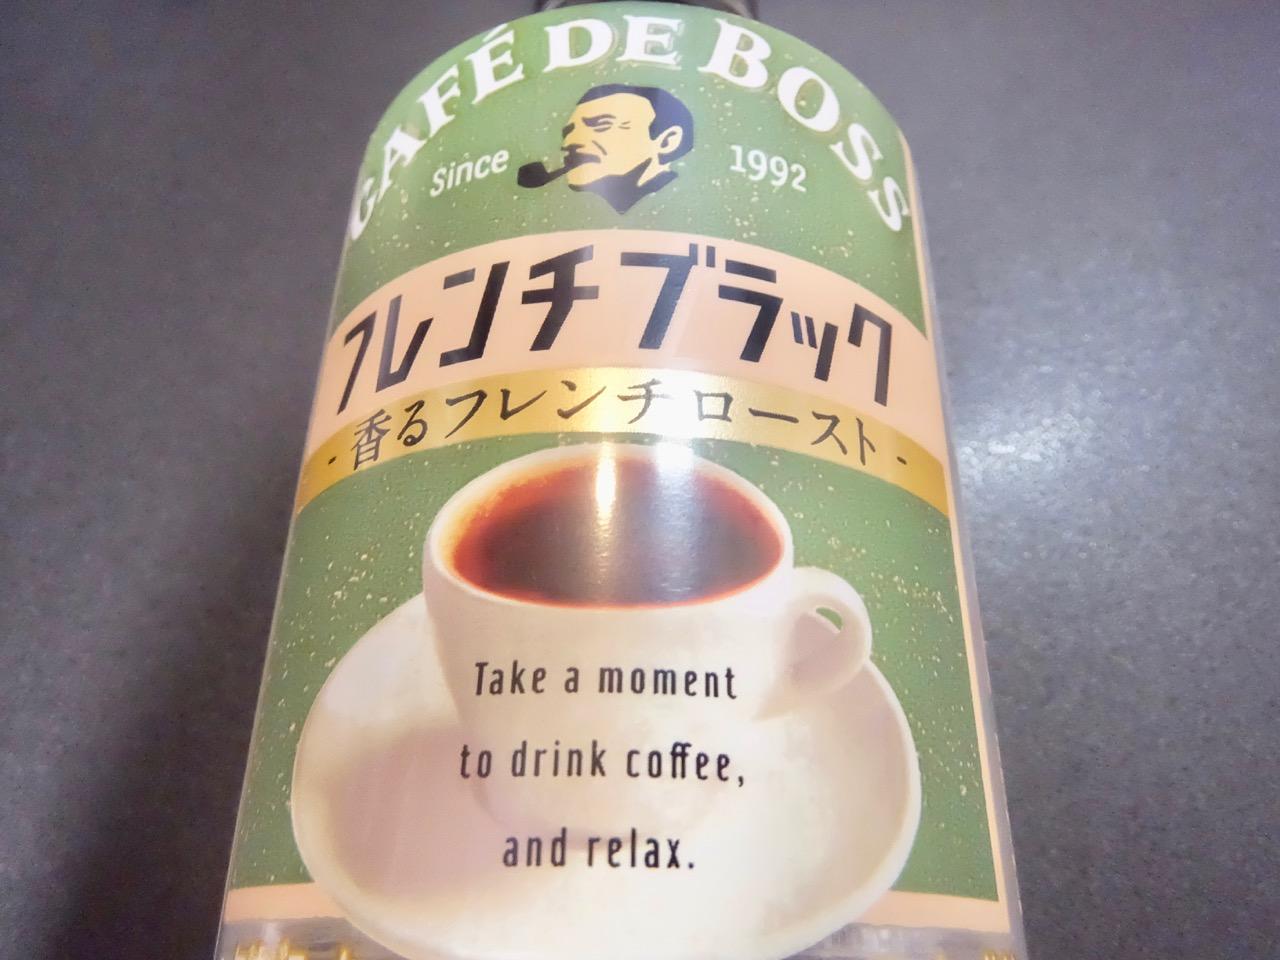 缶コーヒーや紅茶を安い激安にする以外に、購入までのネタを仕込む投げやり自販機が横浜にあるらしい